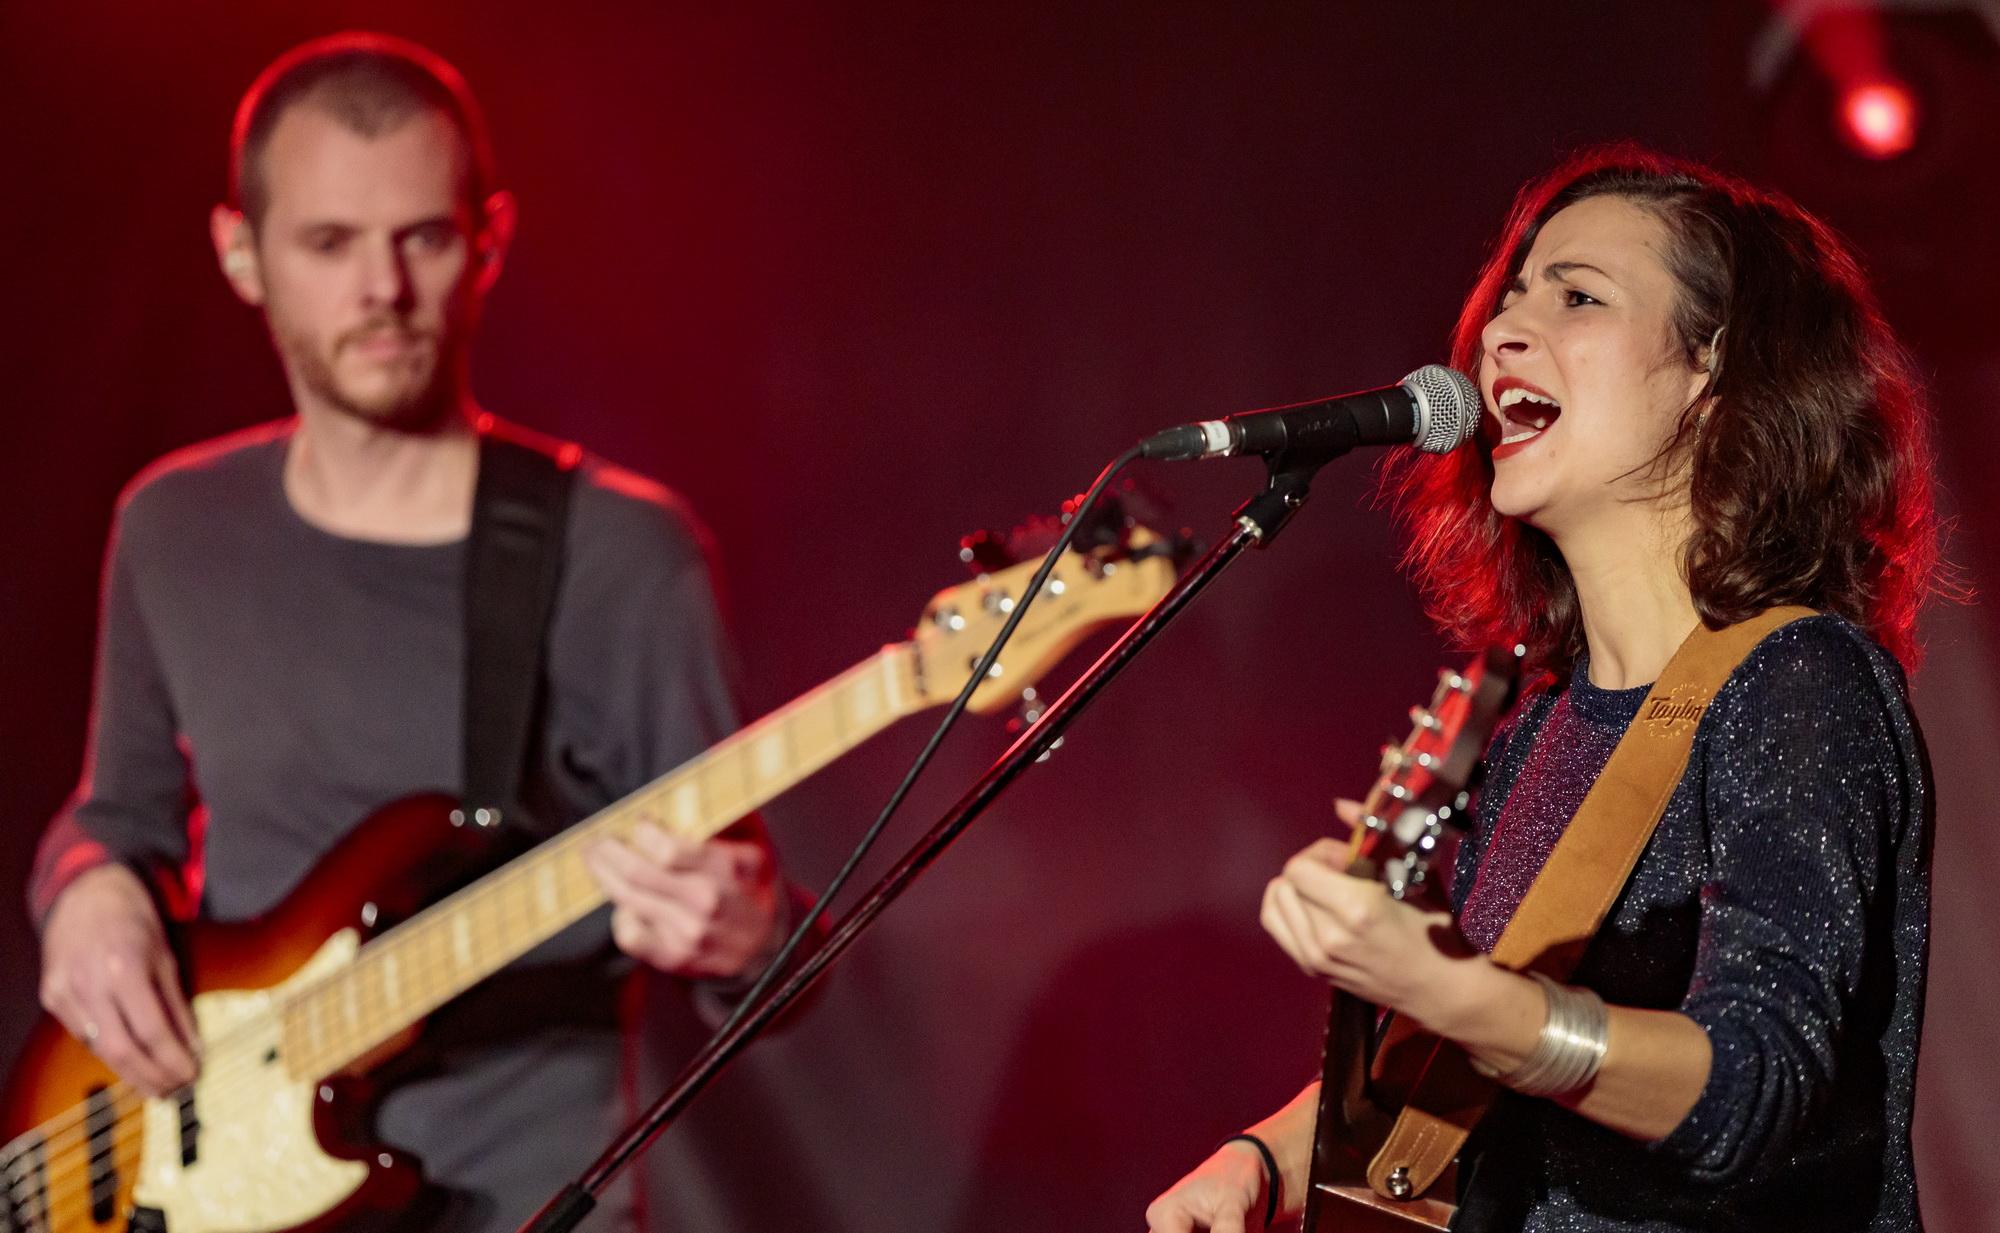 Bönnigheim: Pop-Konzert mit Katrin Medde, KulturKeller am Burgplatz